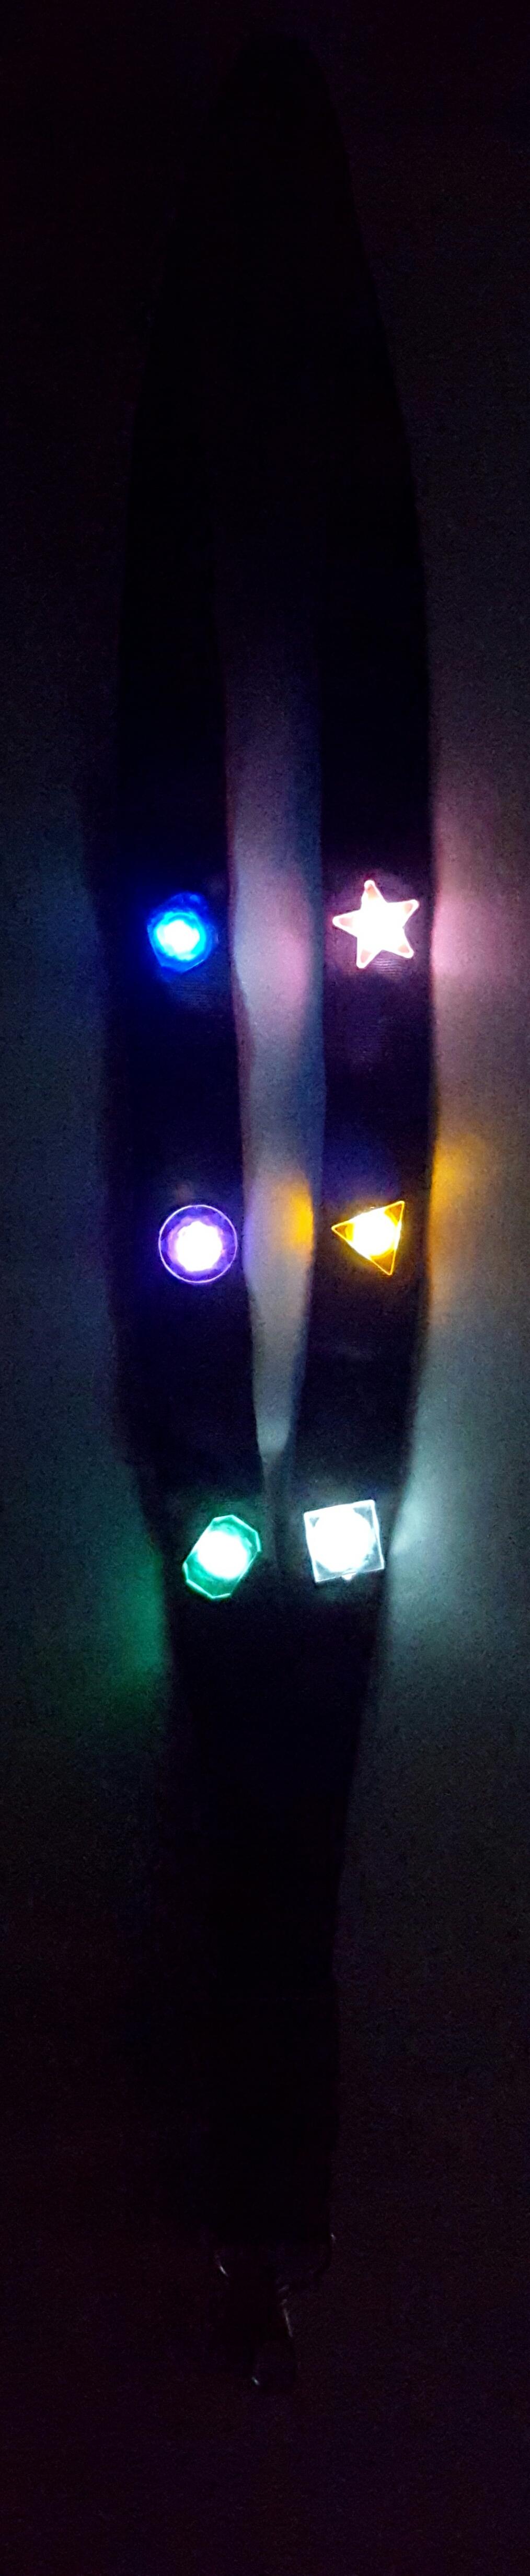 GlowGemz